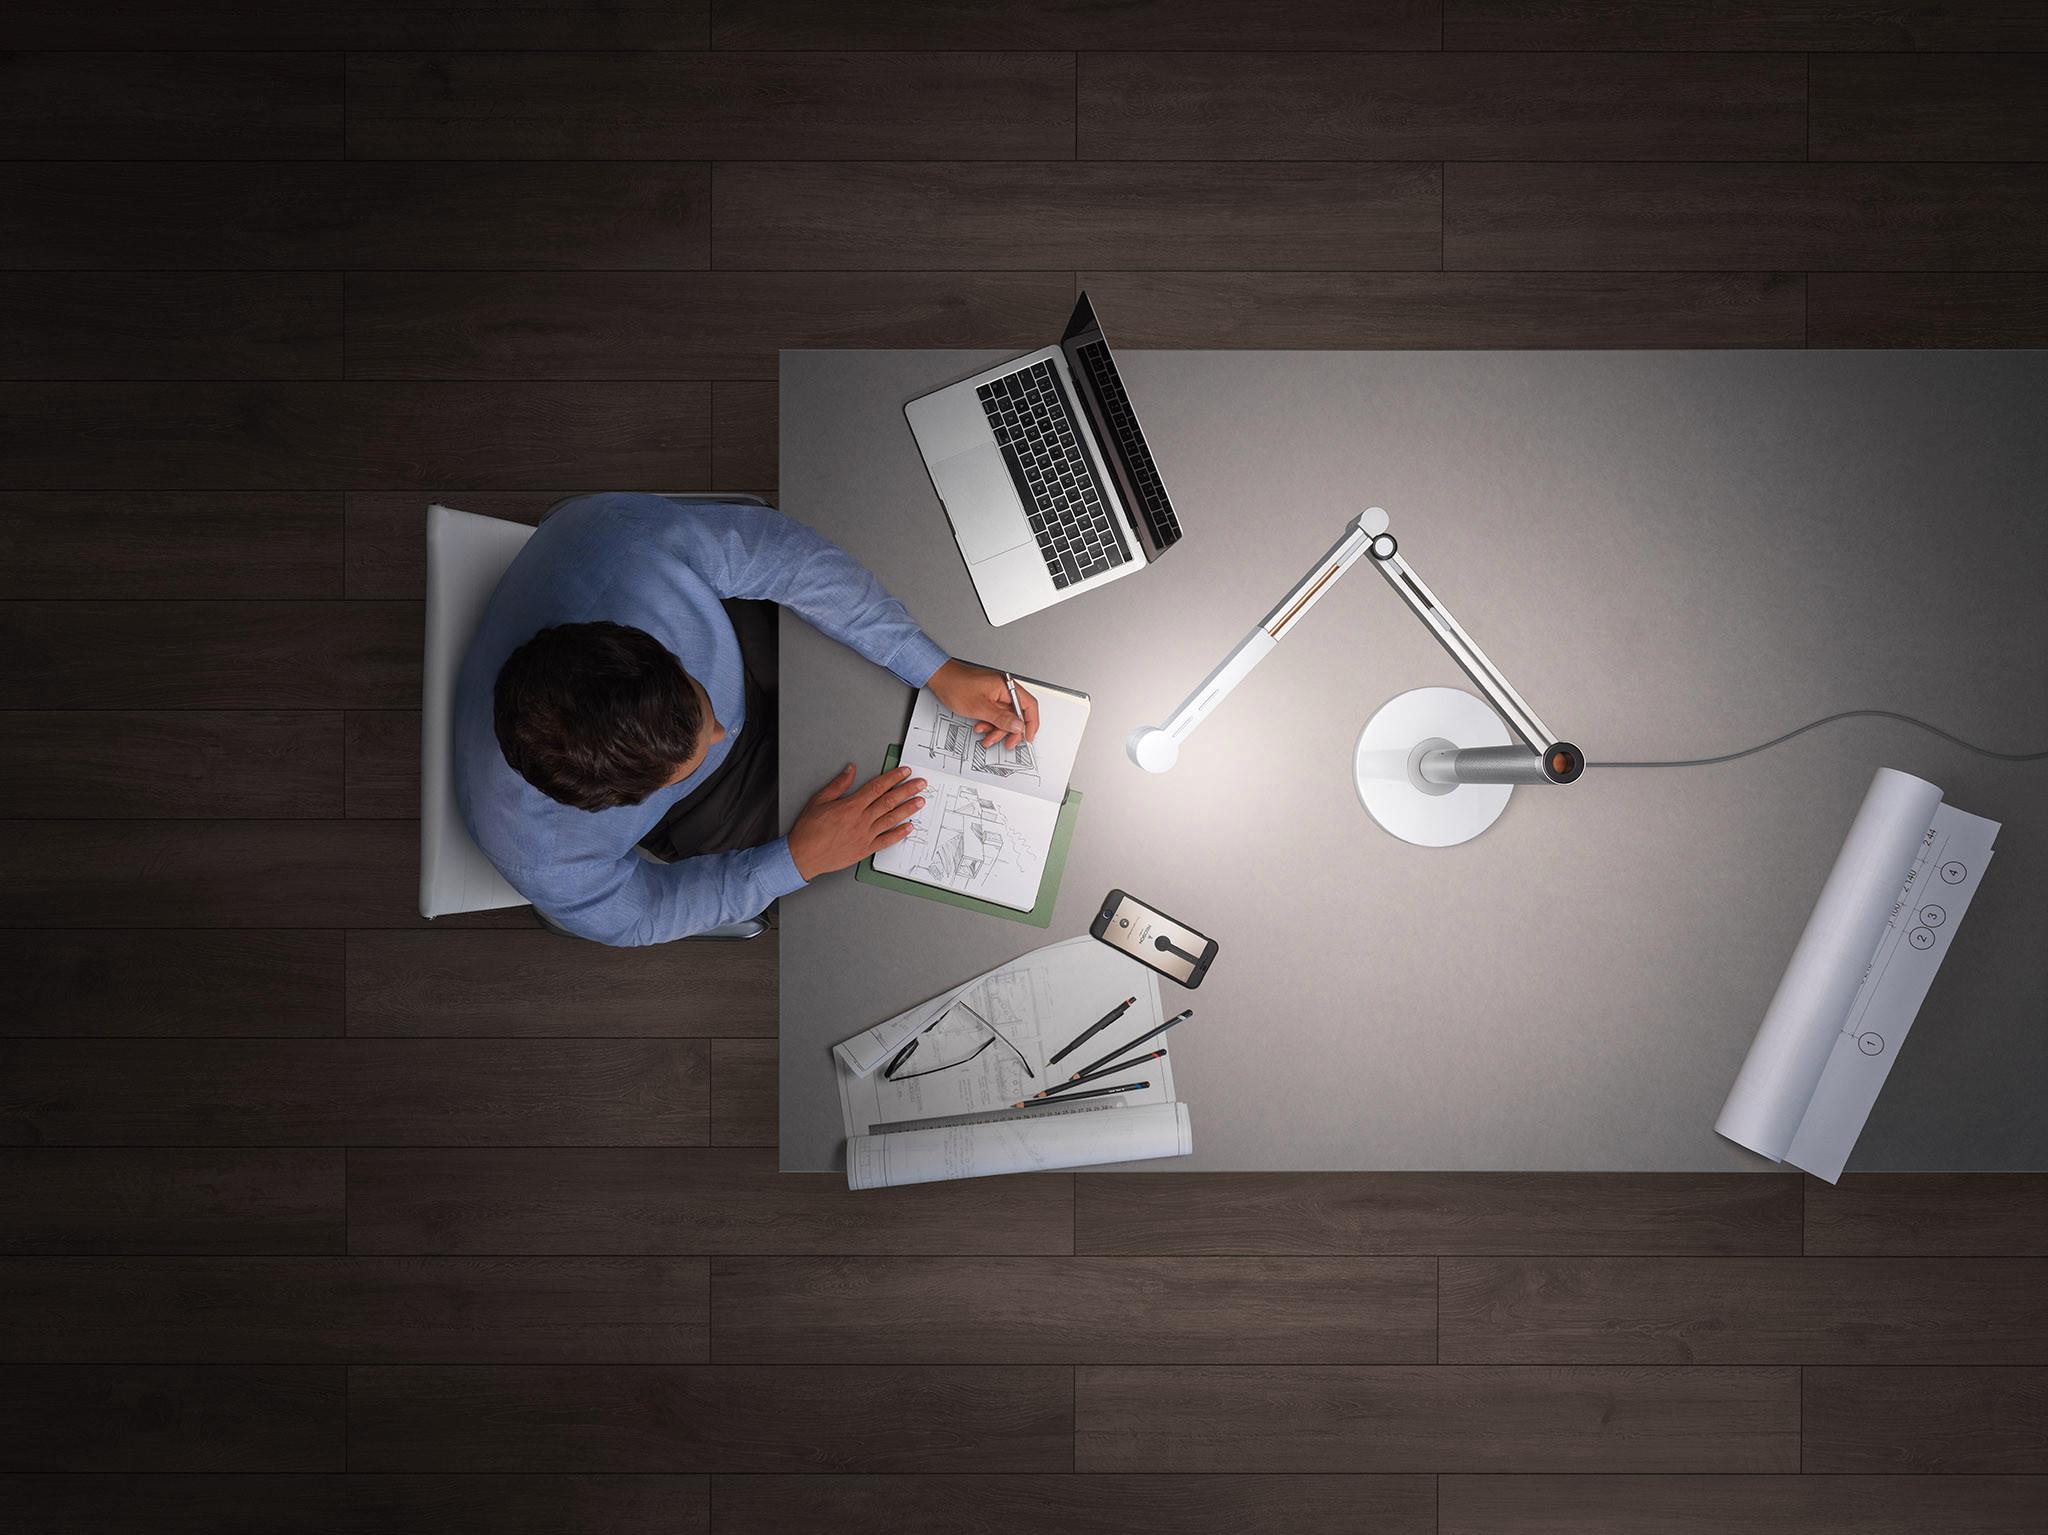 Light Motorcycle mới rõ ràng đủ linh hoạt để đi trong văn phòng, phòng ngủ, phòng khách của bạn và hơn thế nữa